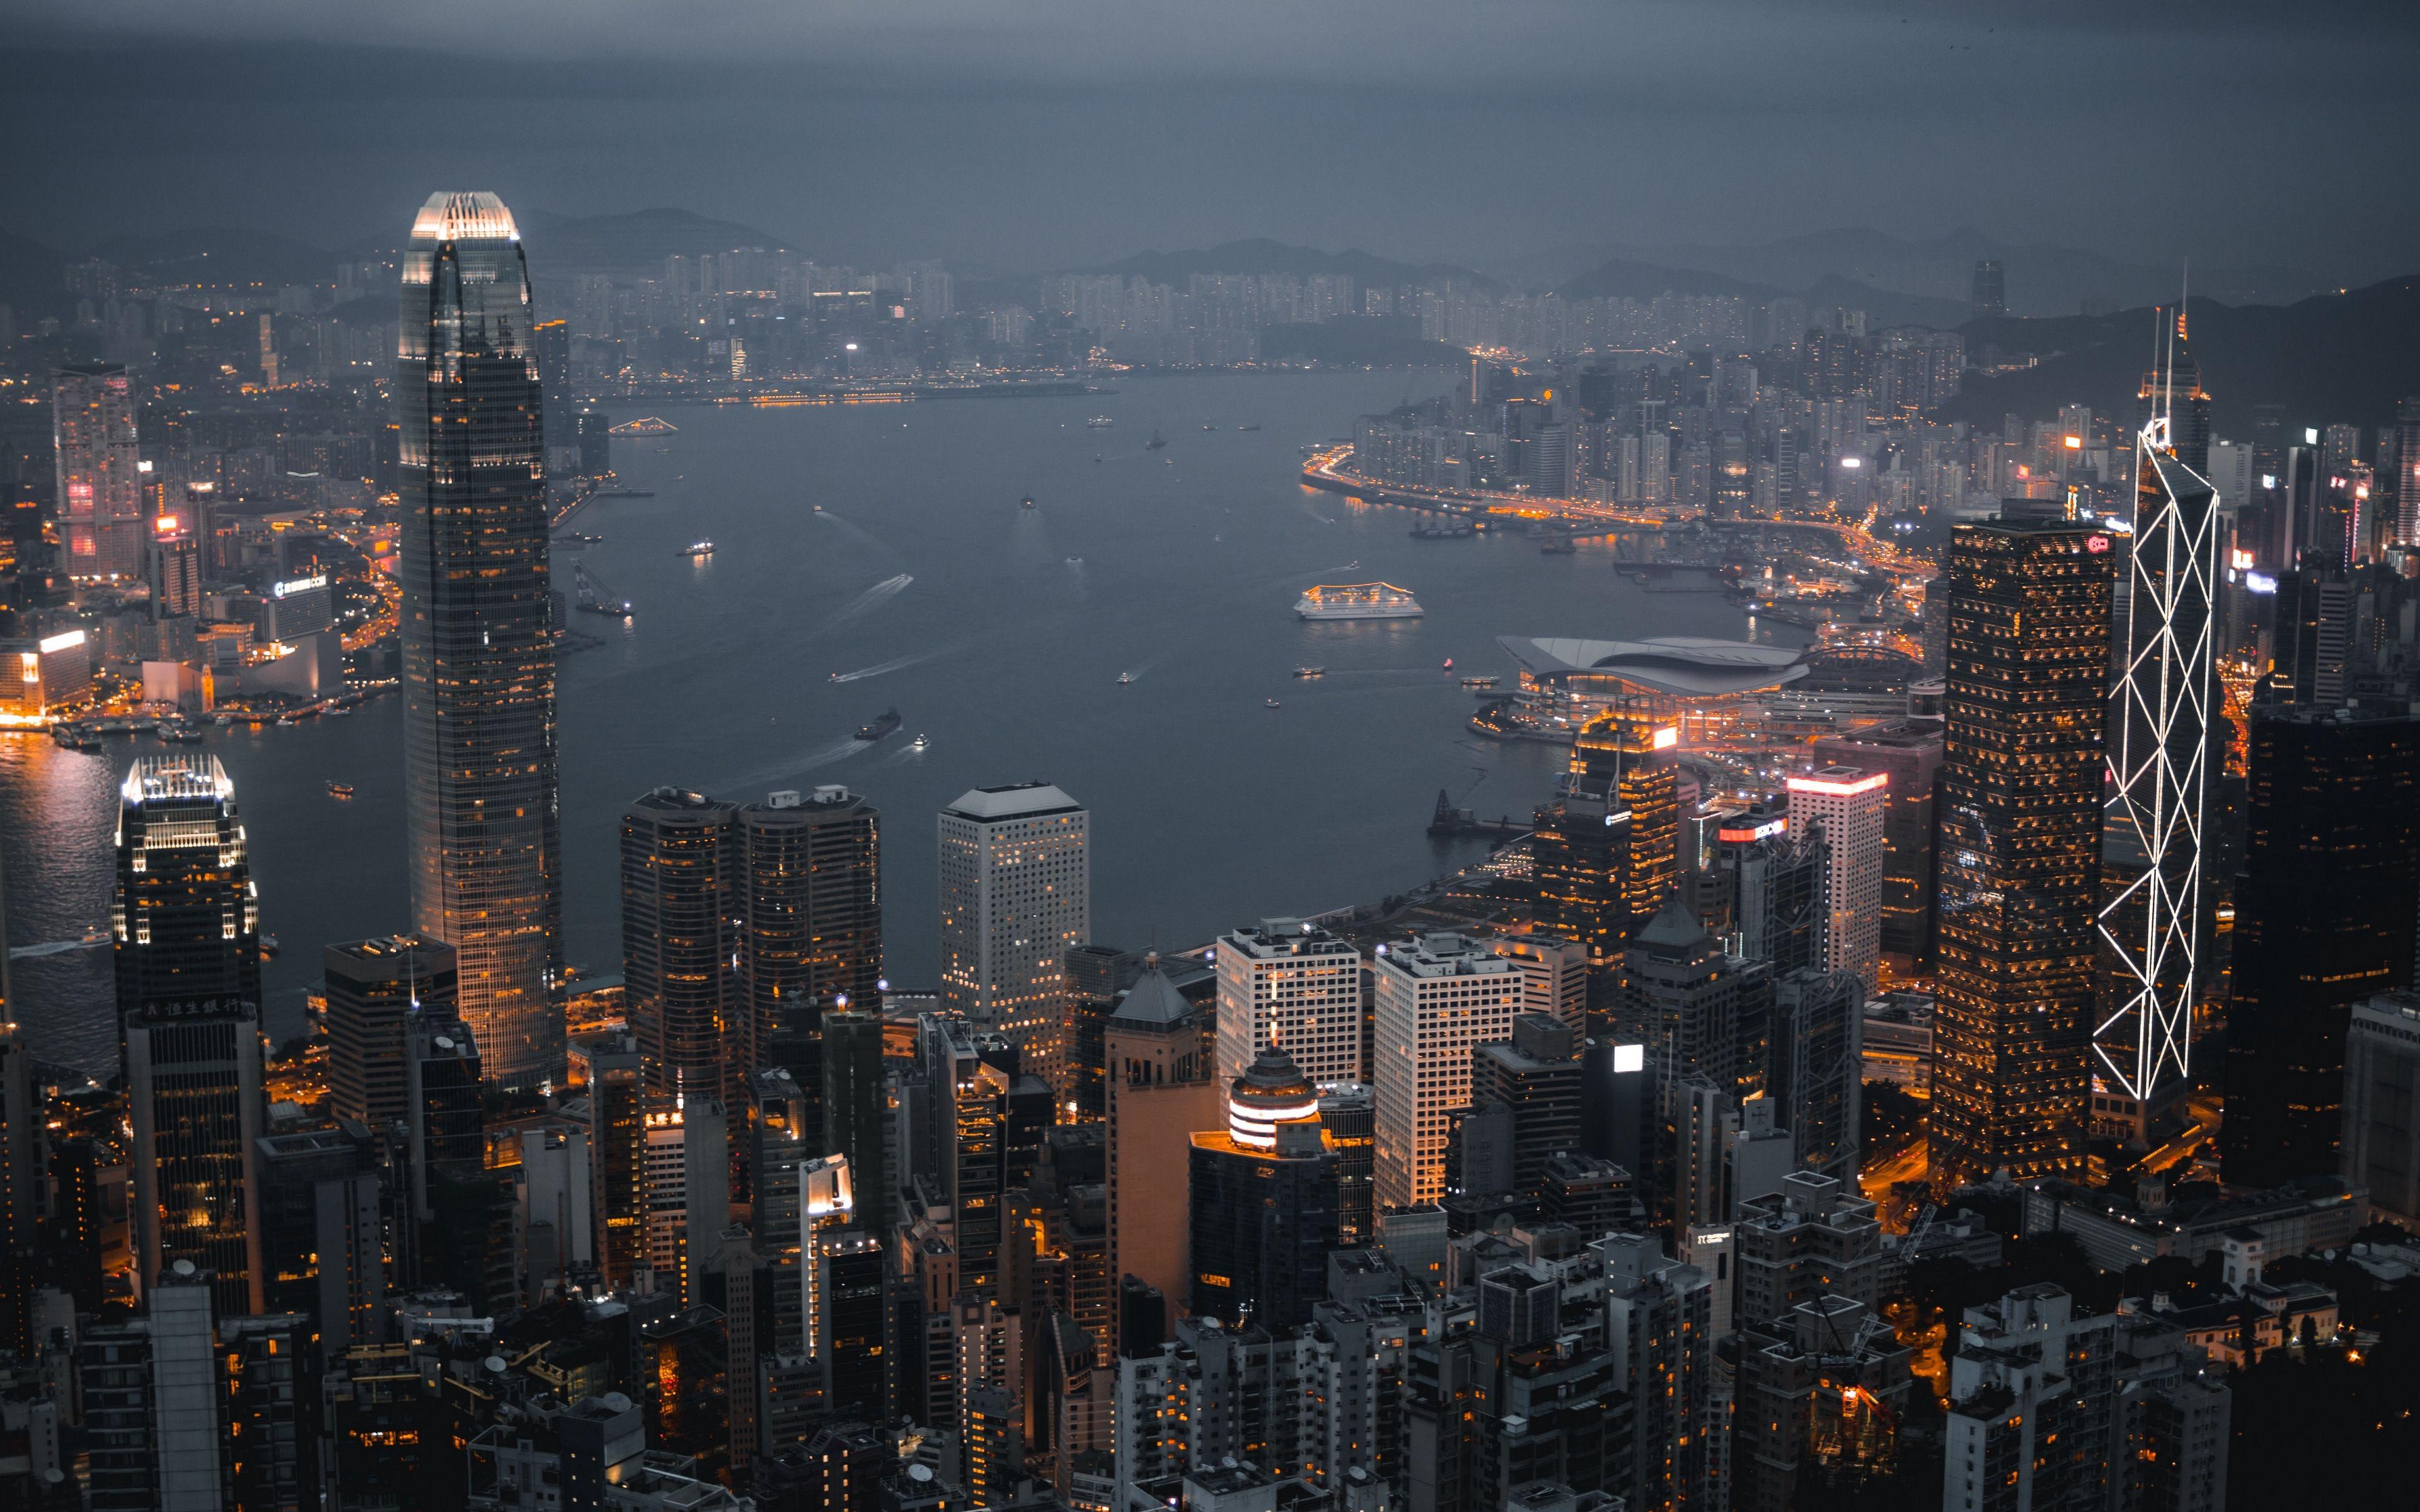 Hình ảnh Hồng Kông lúc lên đèn đẹp nhất